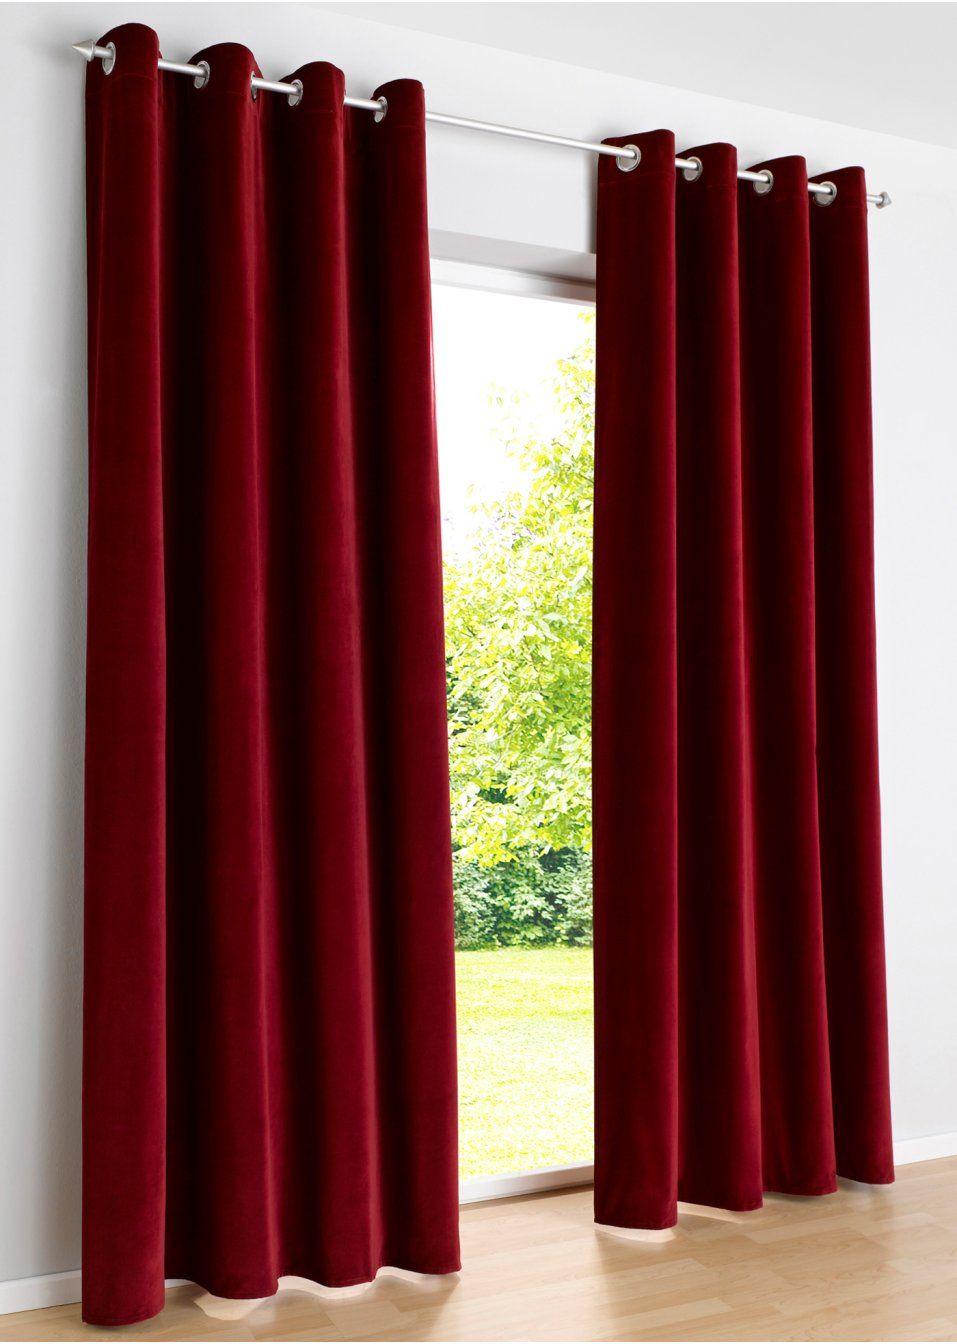 gardinen fur wohnzimmer selbst nahen : Aufwendig Gearbeiteter Schalen Bh Mit B Gel Schalen Bh Vorh Nge